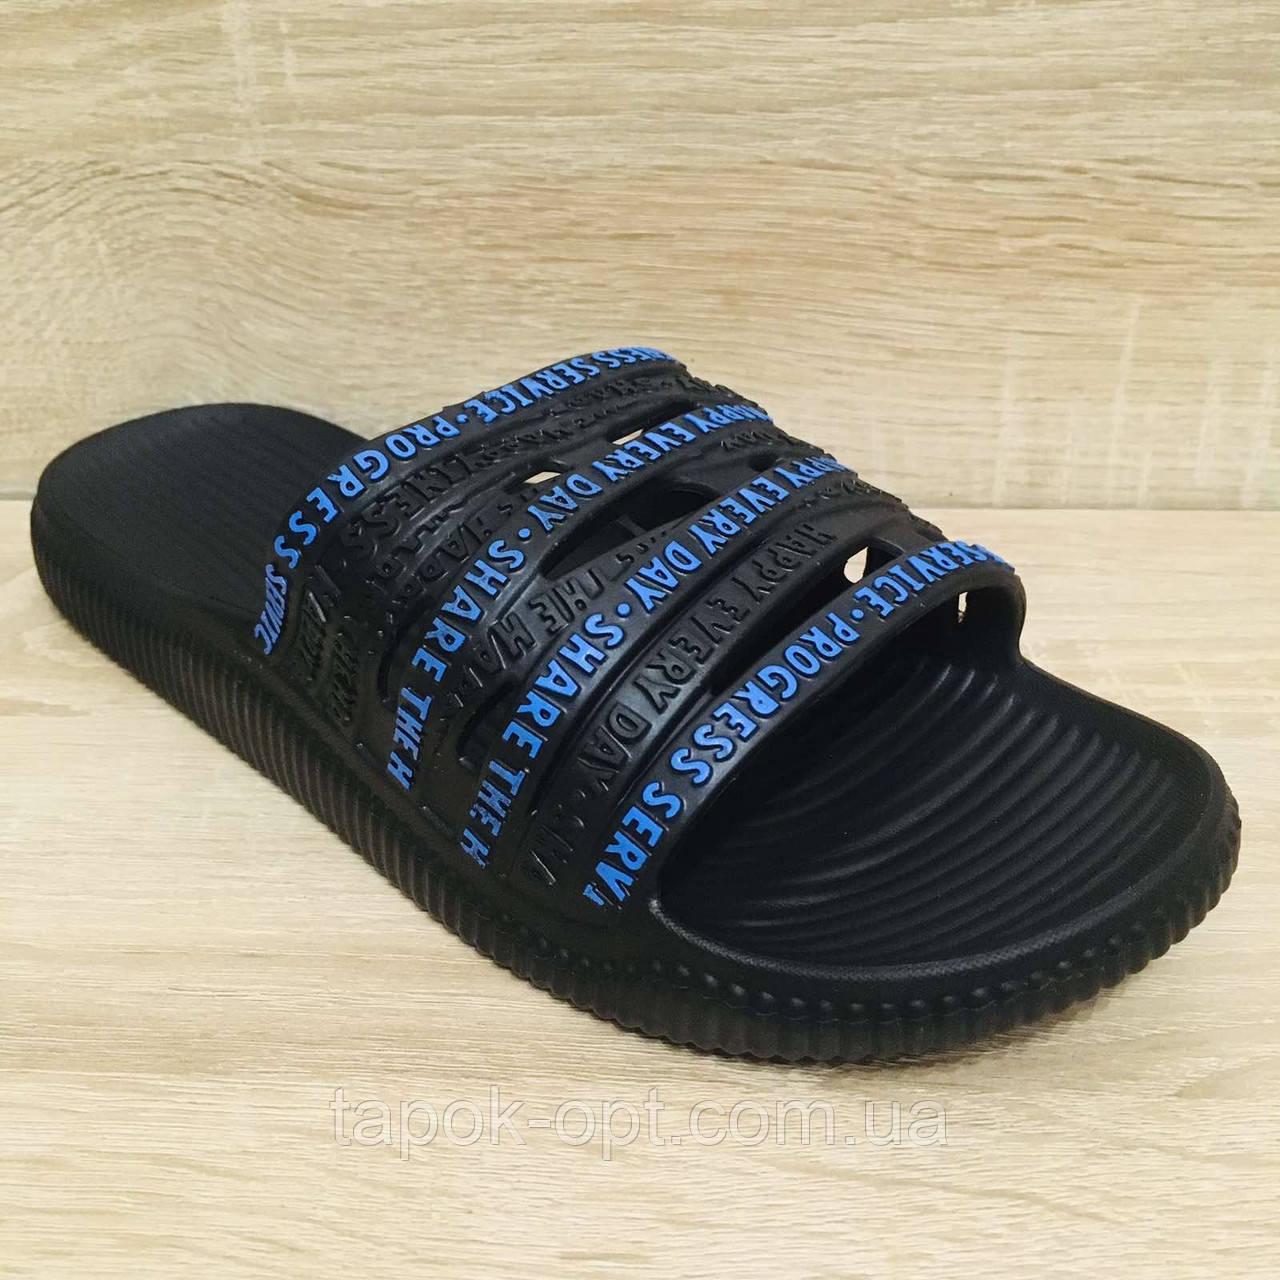 Обувь пляжная женская